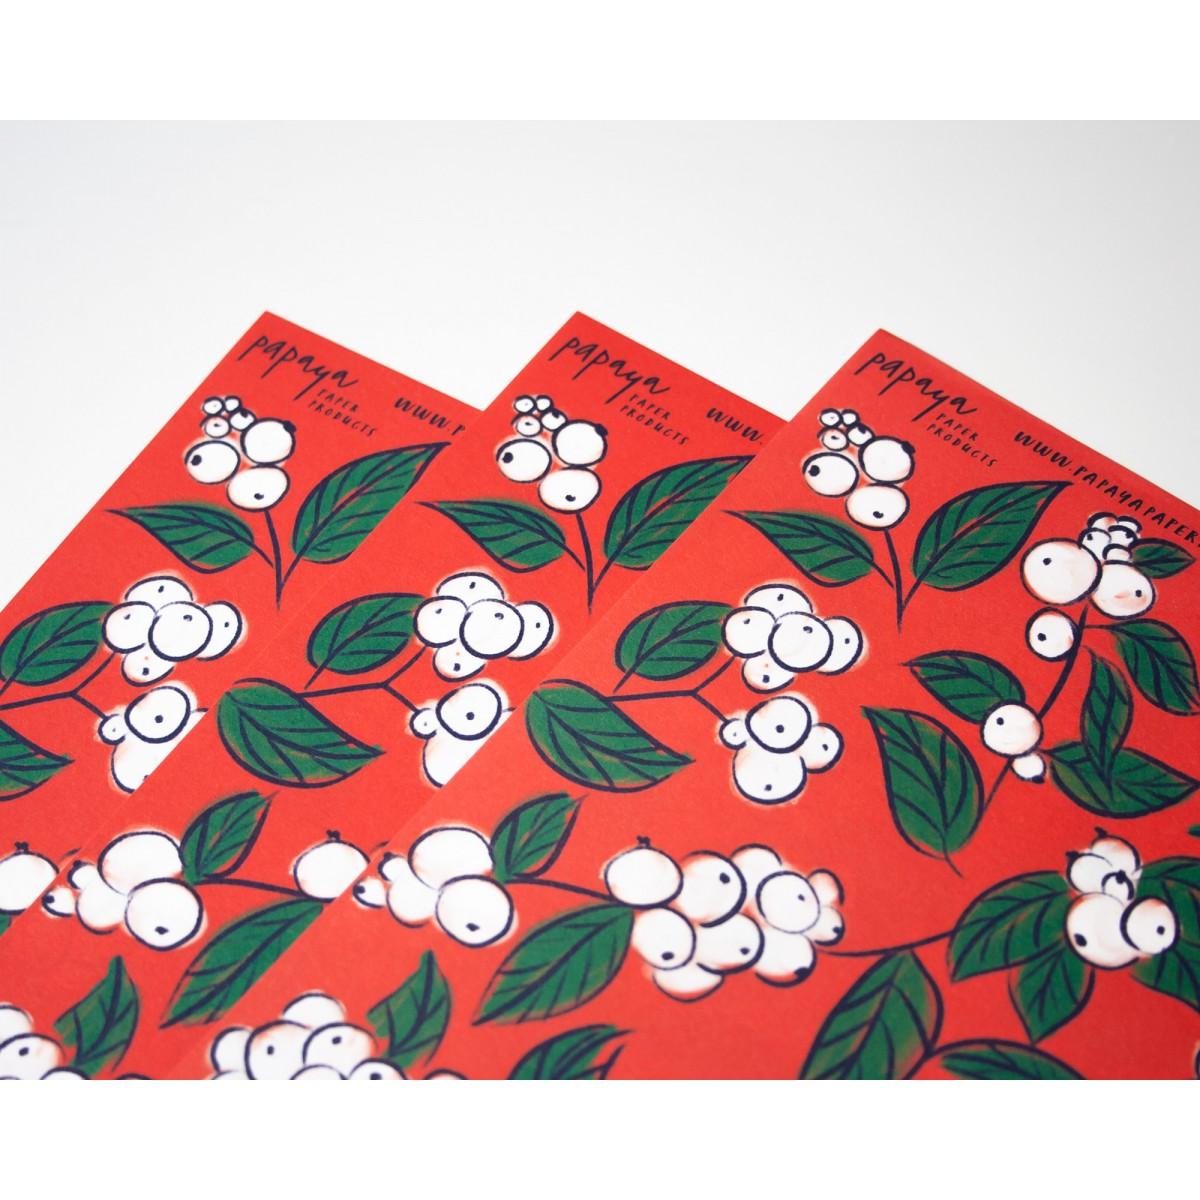 Geschenkpapier Schneebeeren, 3 Bogen // Papaya paper products